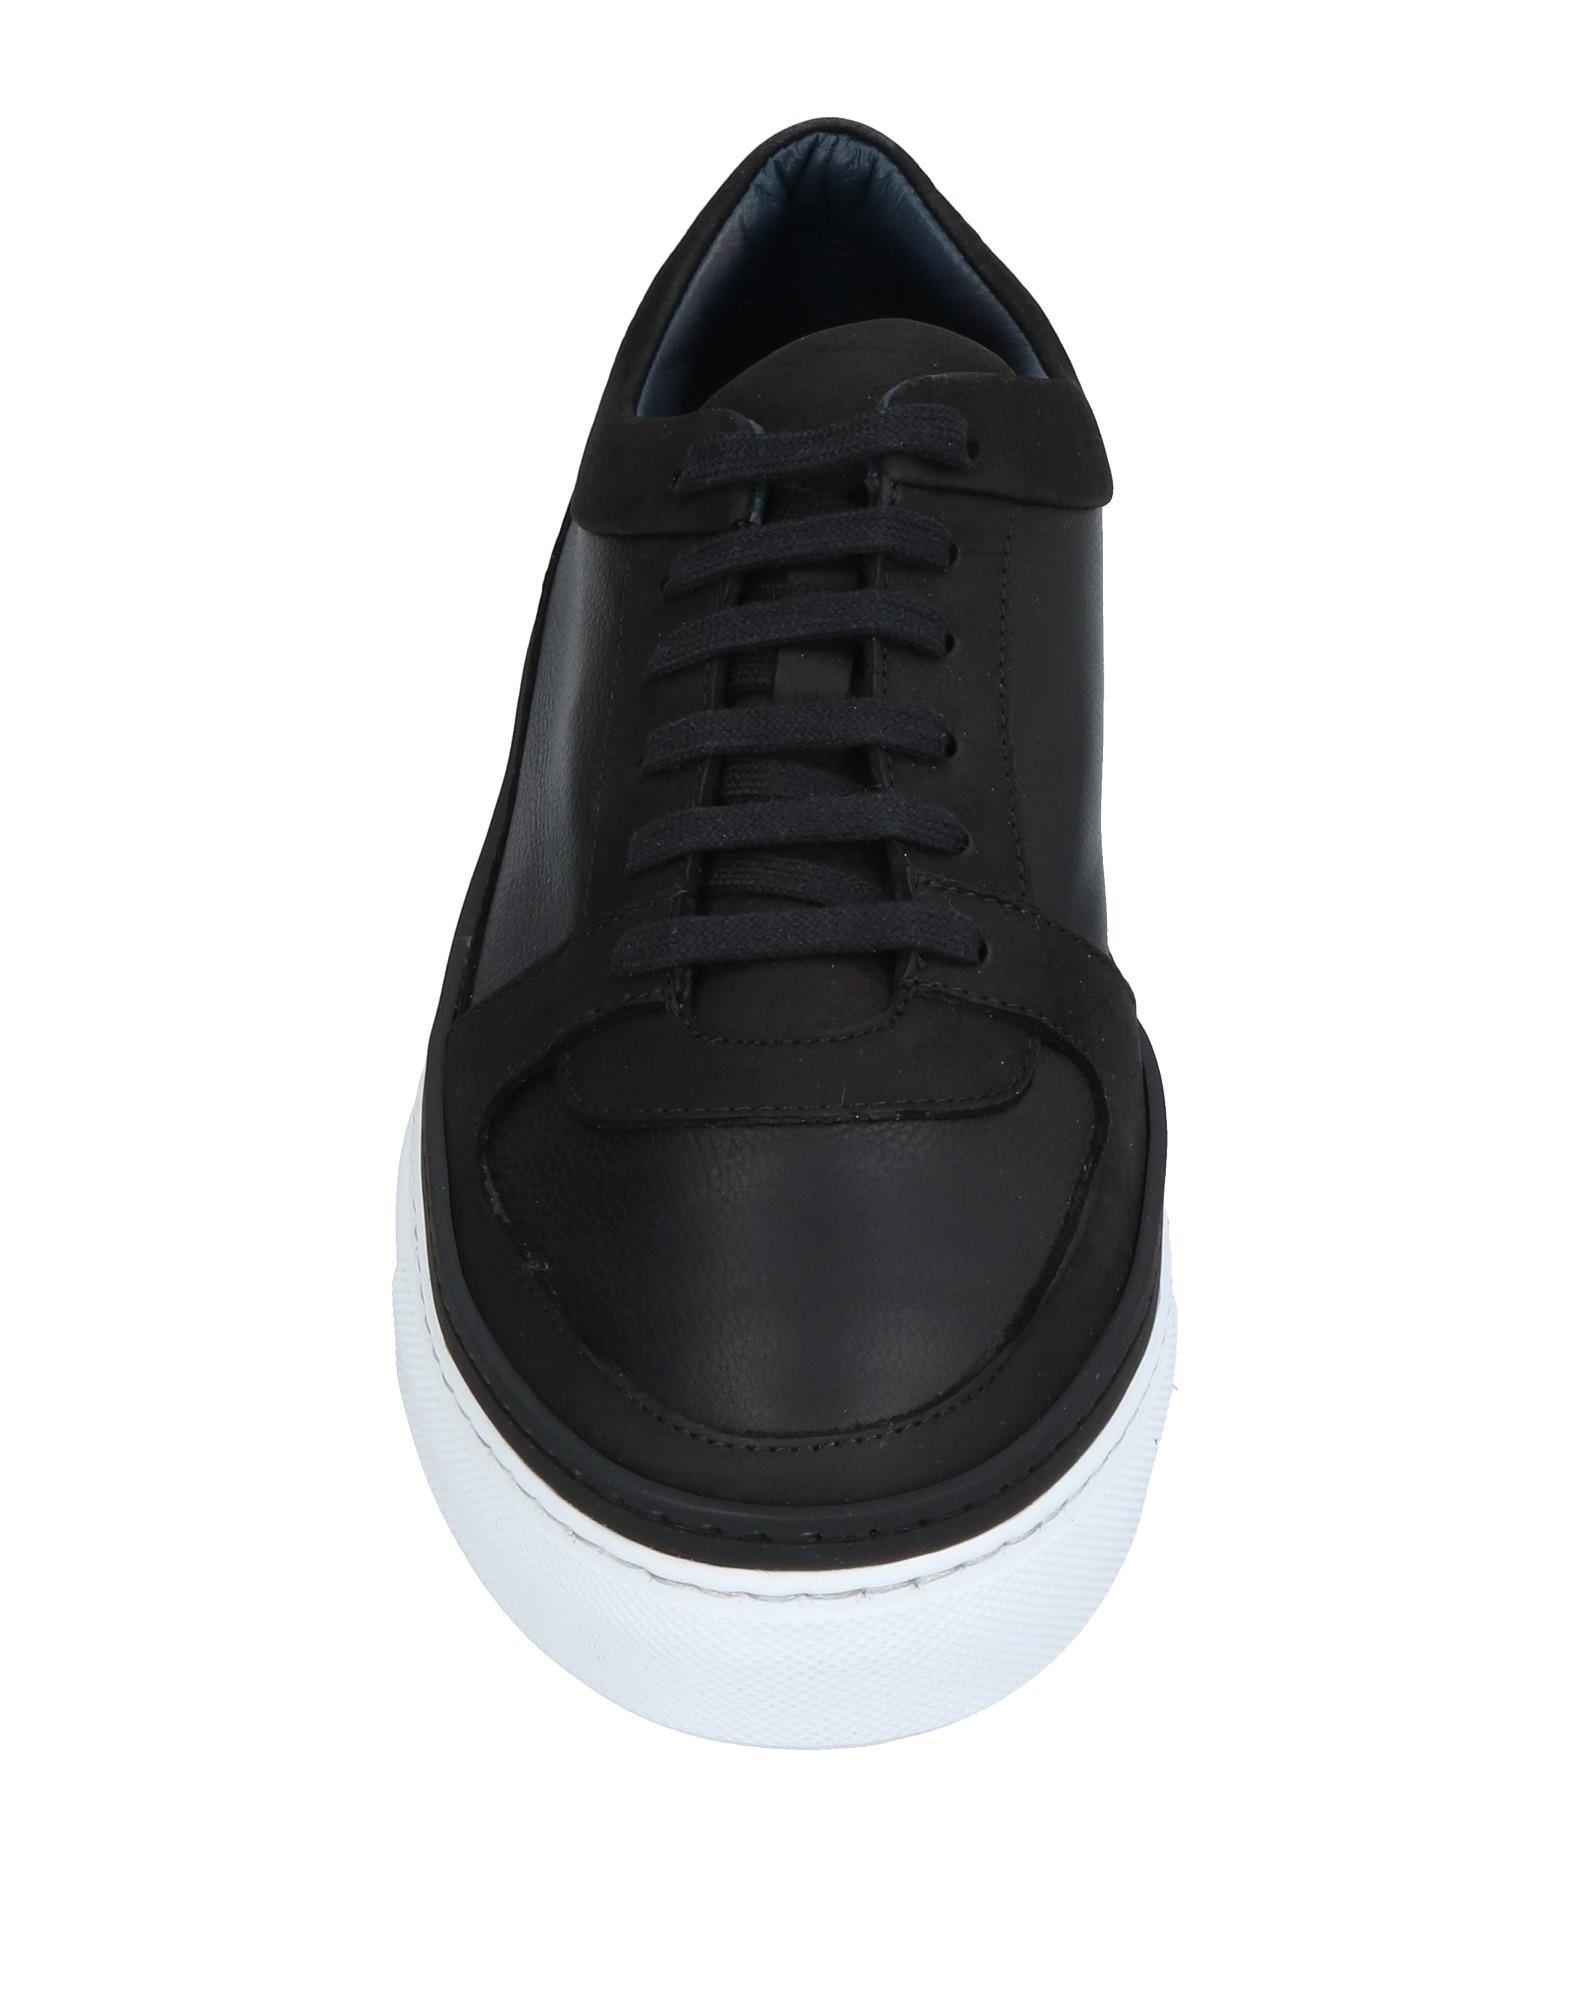 Fabiano Neue Ricci Sneakers Herren  11375134SN Neue Fabiano Schuhe 1d25b2